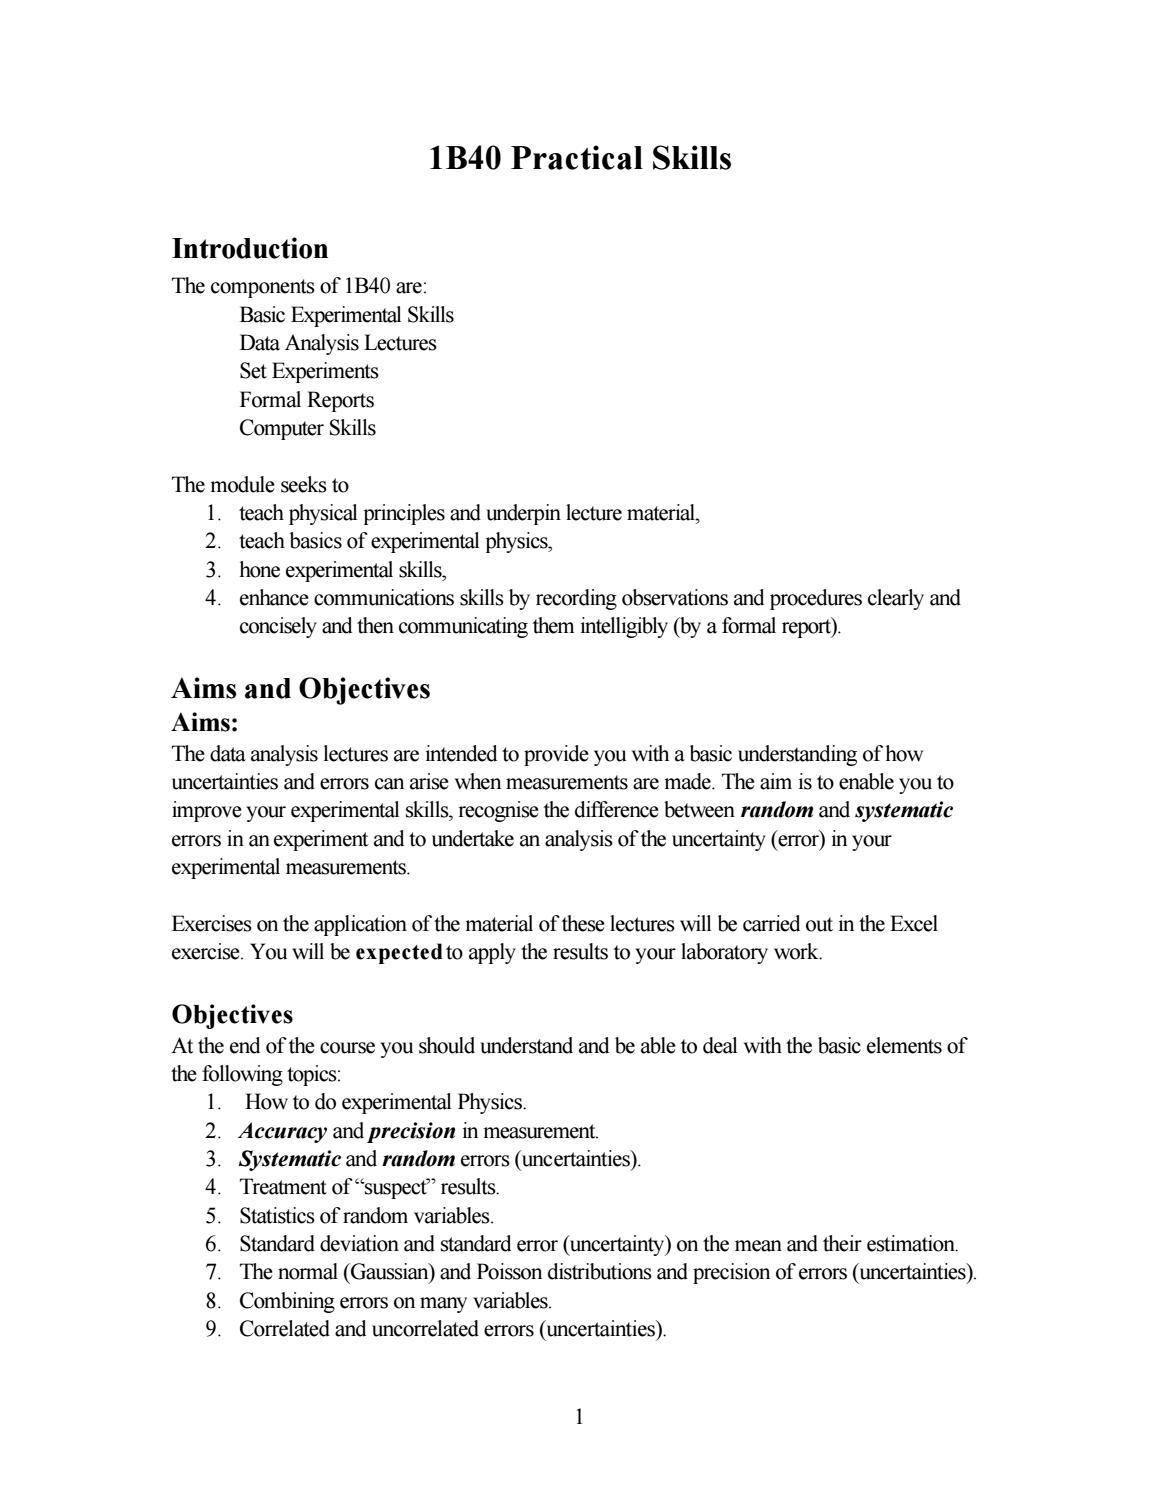 1B40-DA-Lecture-1 pdf by rdv0044 - issuu